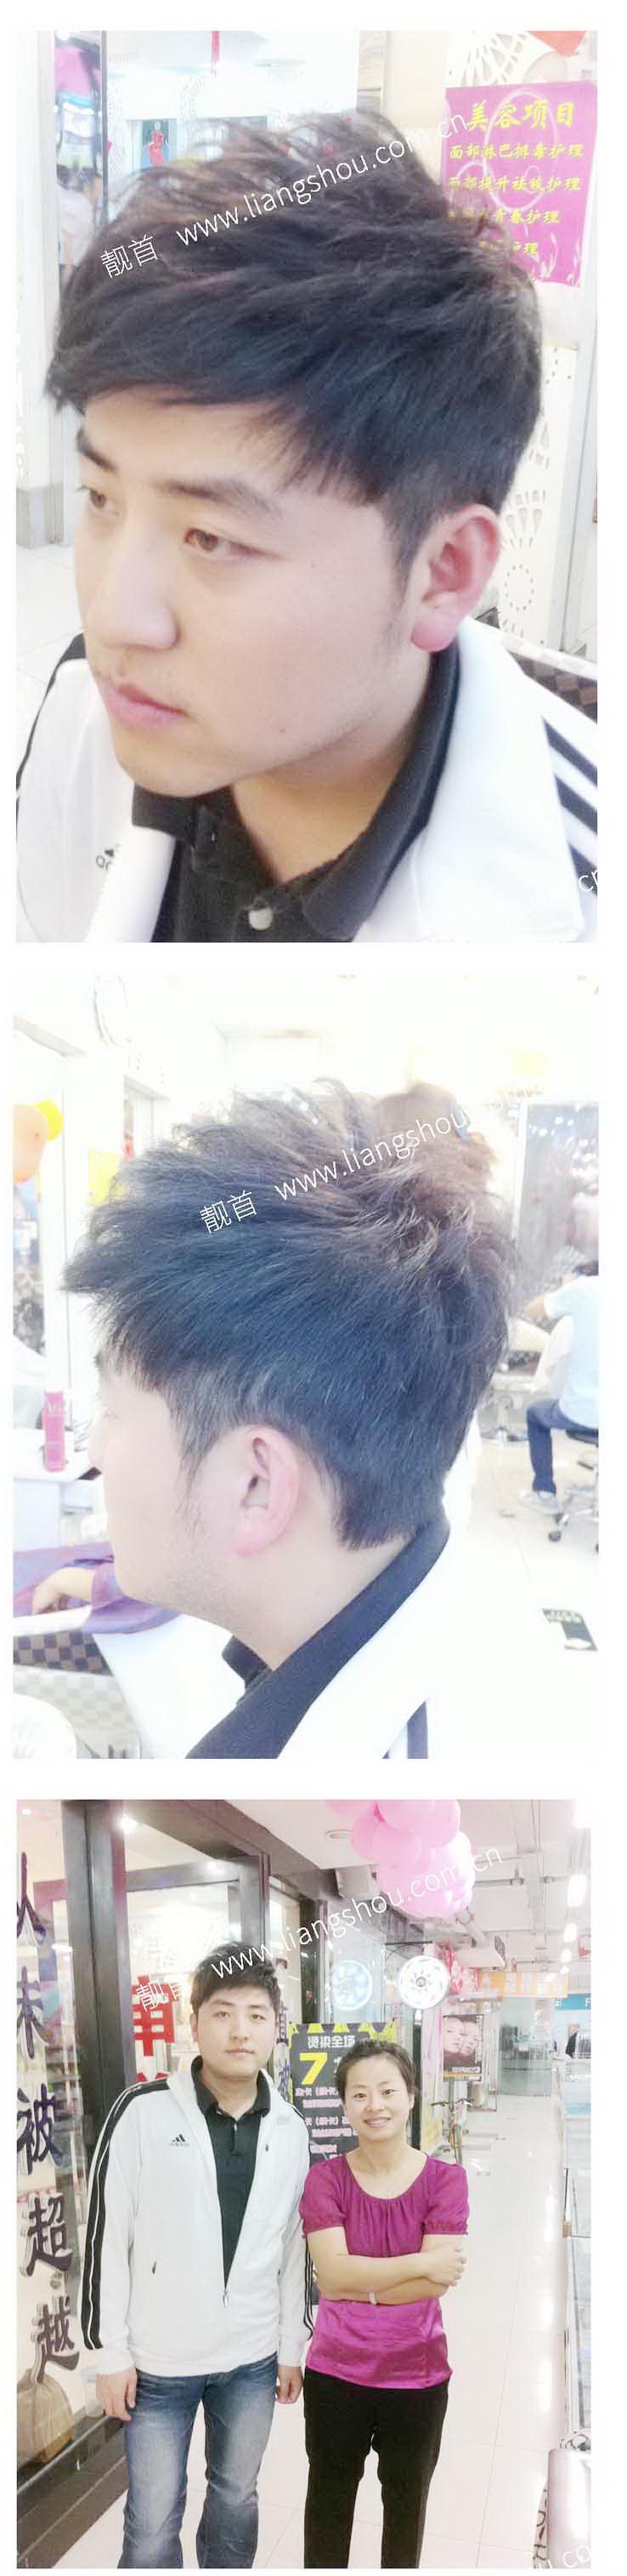 青年-自由式发块-男织发补发案例图